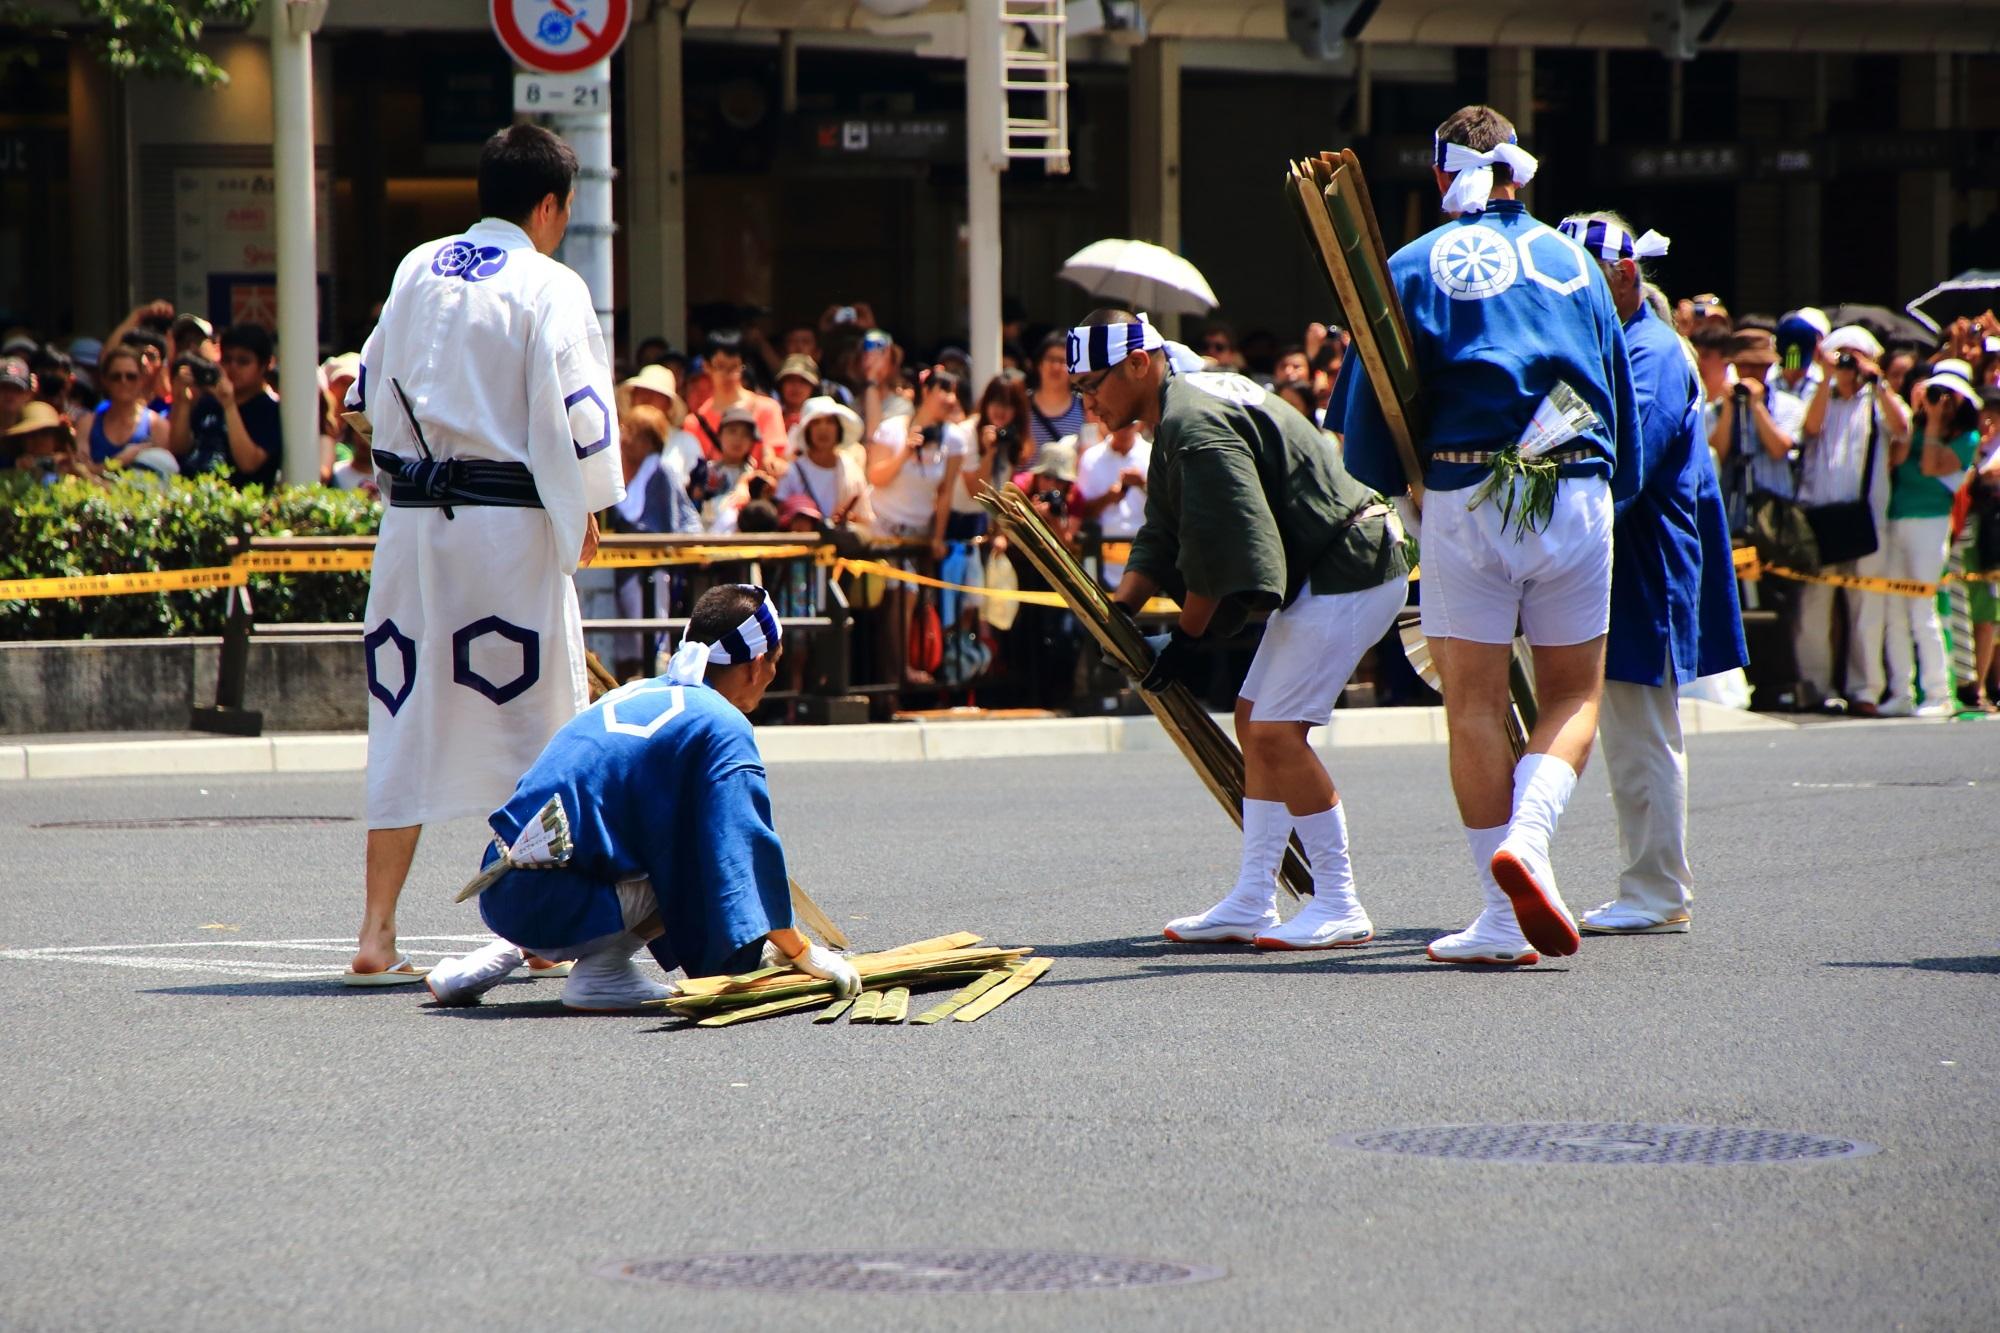 祇園祭後祭の山鉾巡行の北観音山(きたかんのんやま)の辻回し